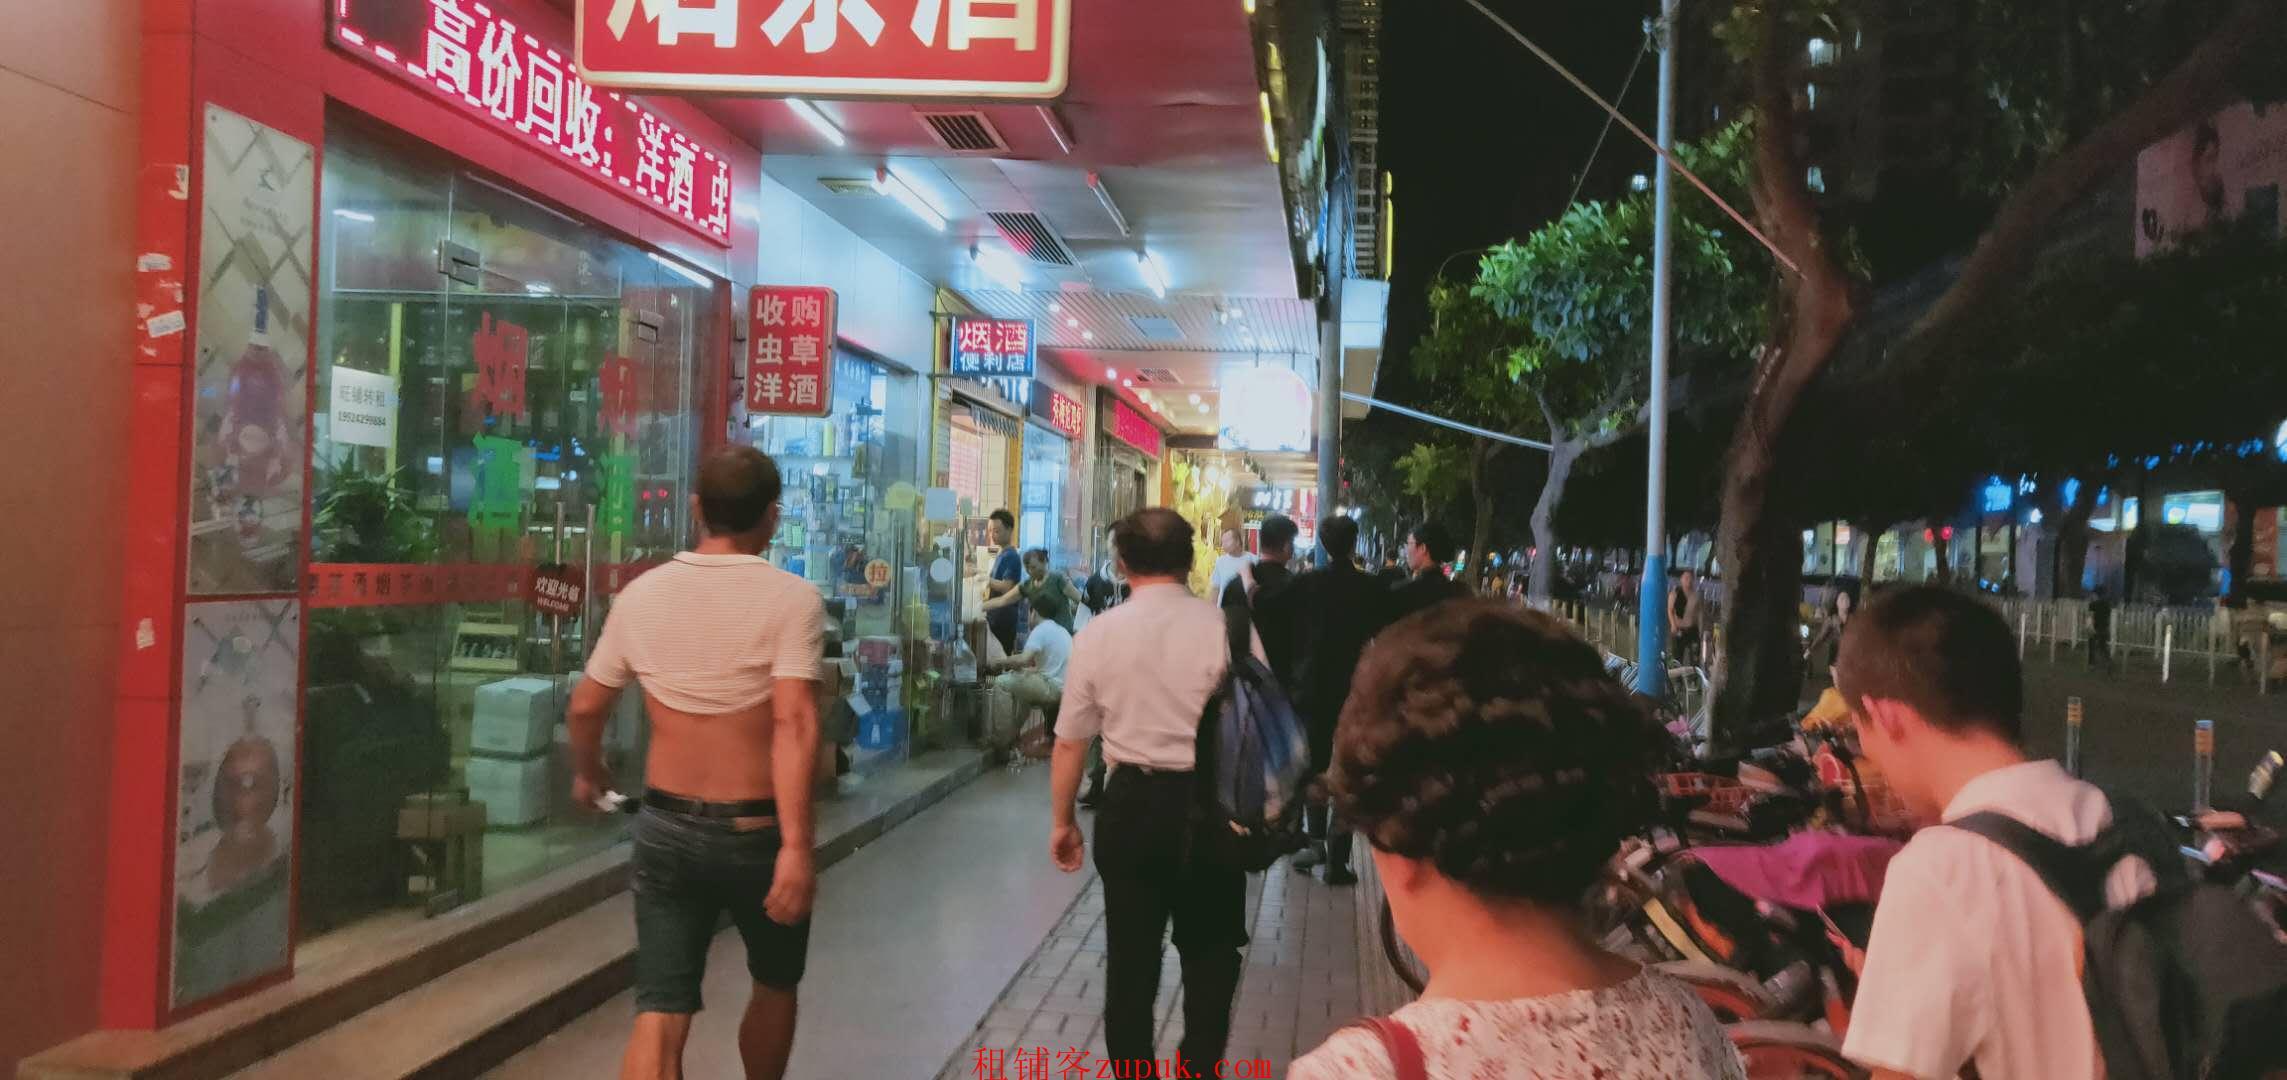 北京路-地铁站,小吃店人超多,可各种餐饮生意好做